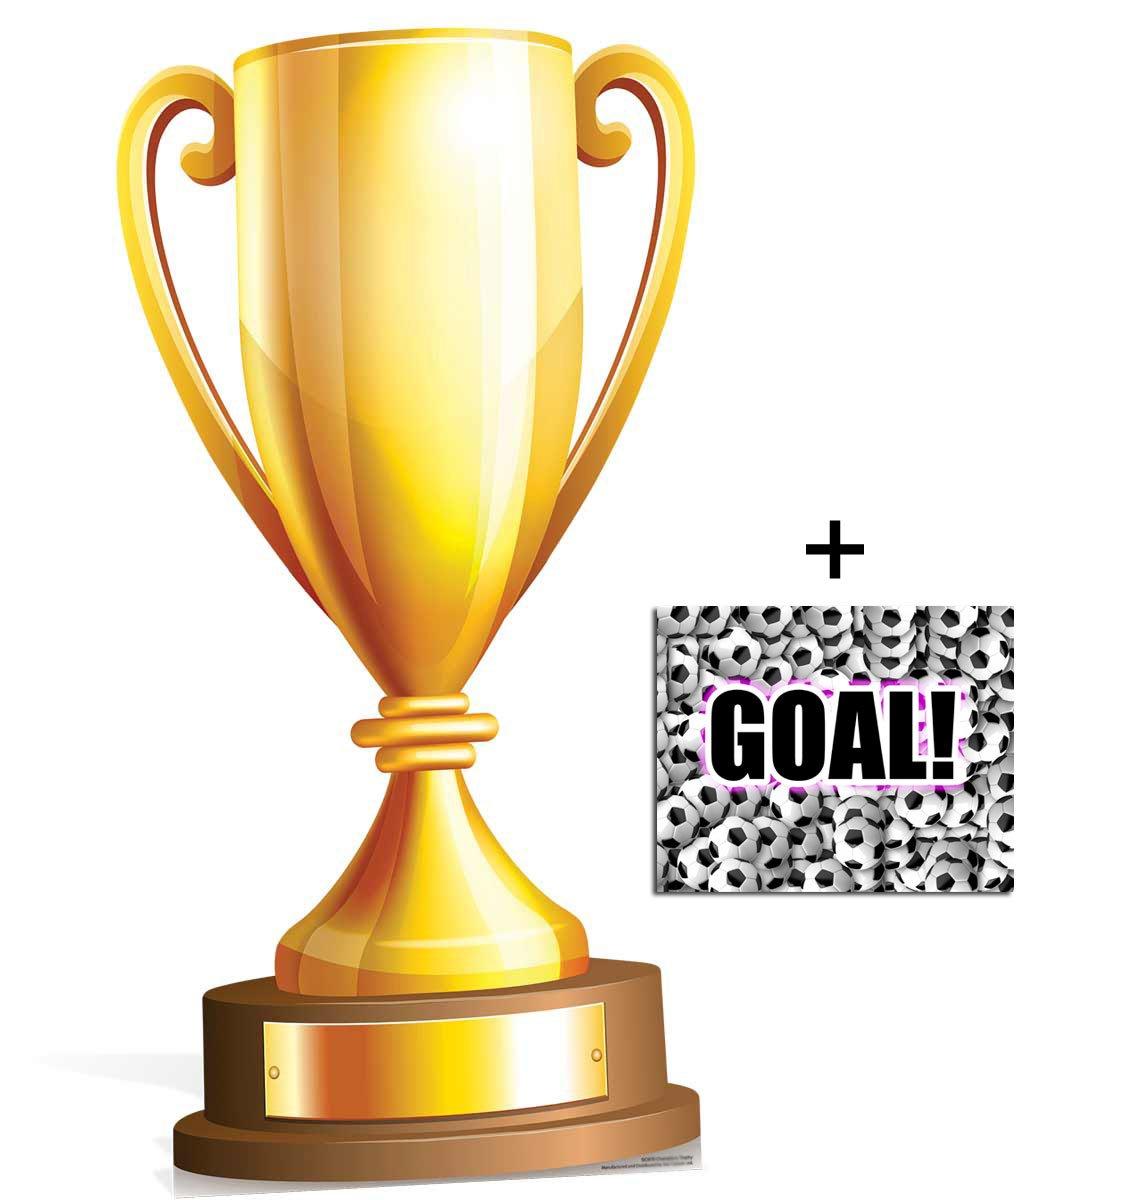 Fan Pack - Grand trophée des champions Silhouette En Carton Standee / Stand-Up - Avec Star Photo (Dimensions 25x20 Cm) BundleZ-4-FanZ Fan Packs